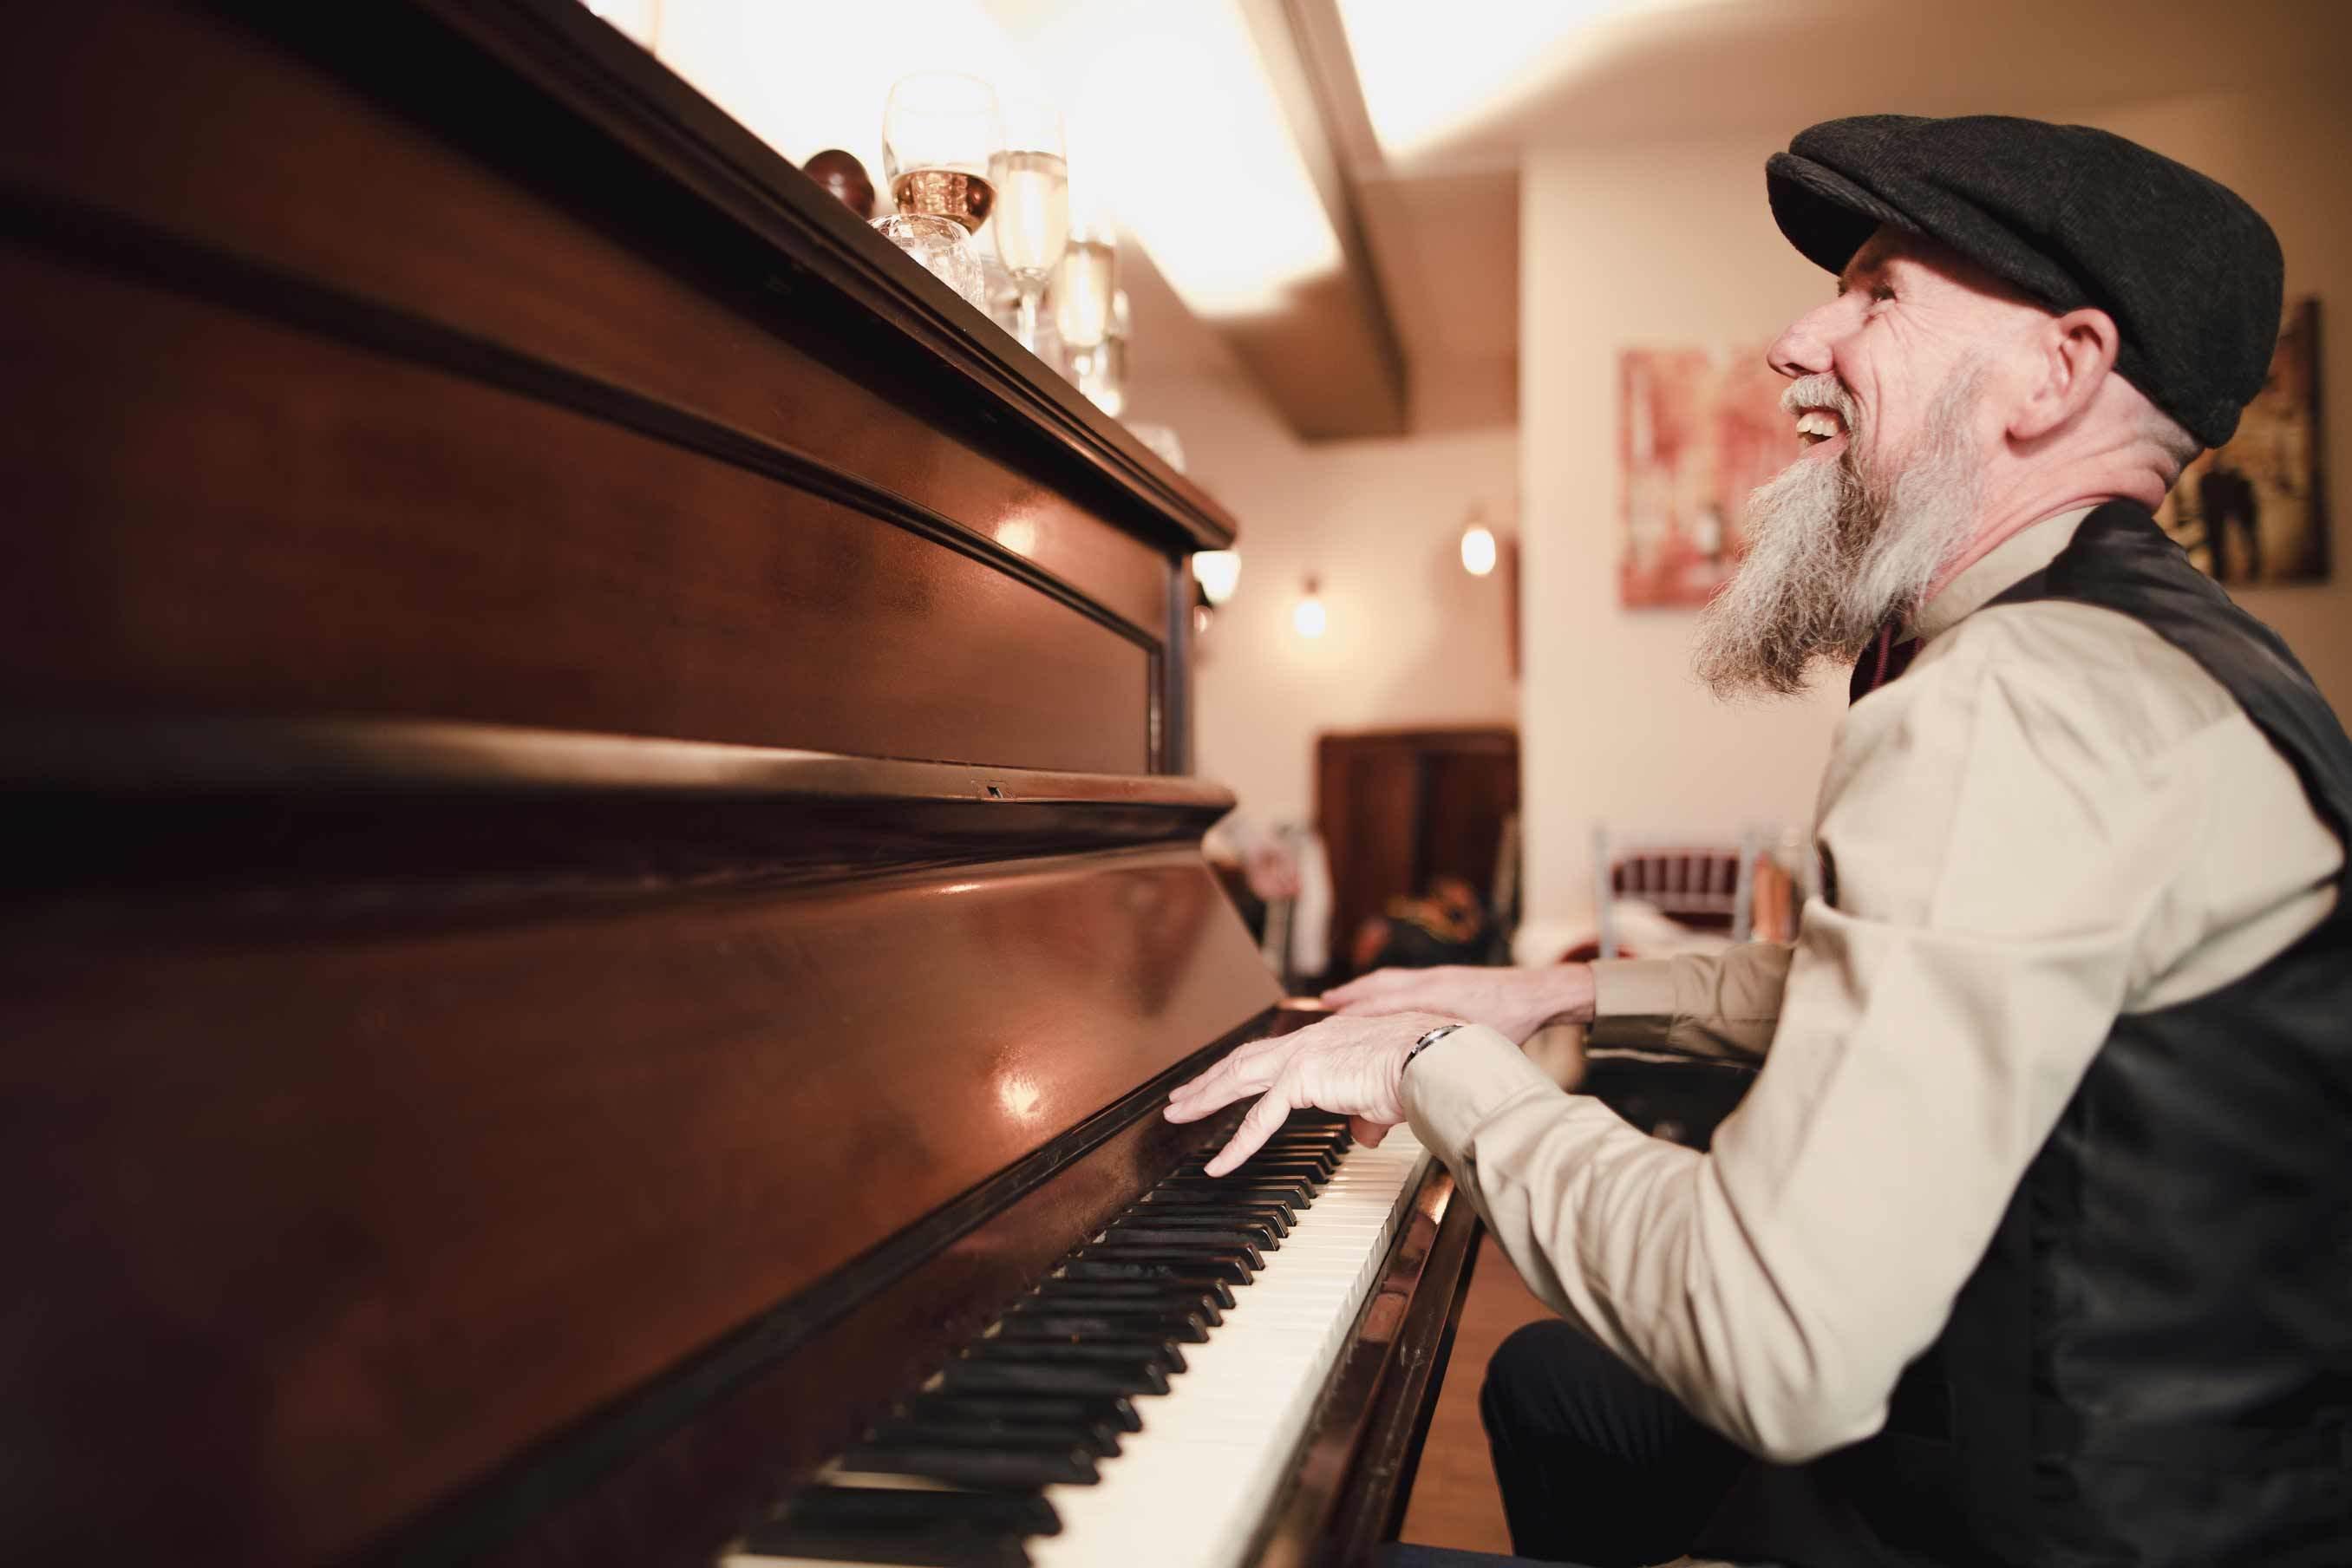 OGI metoda učenja klavir